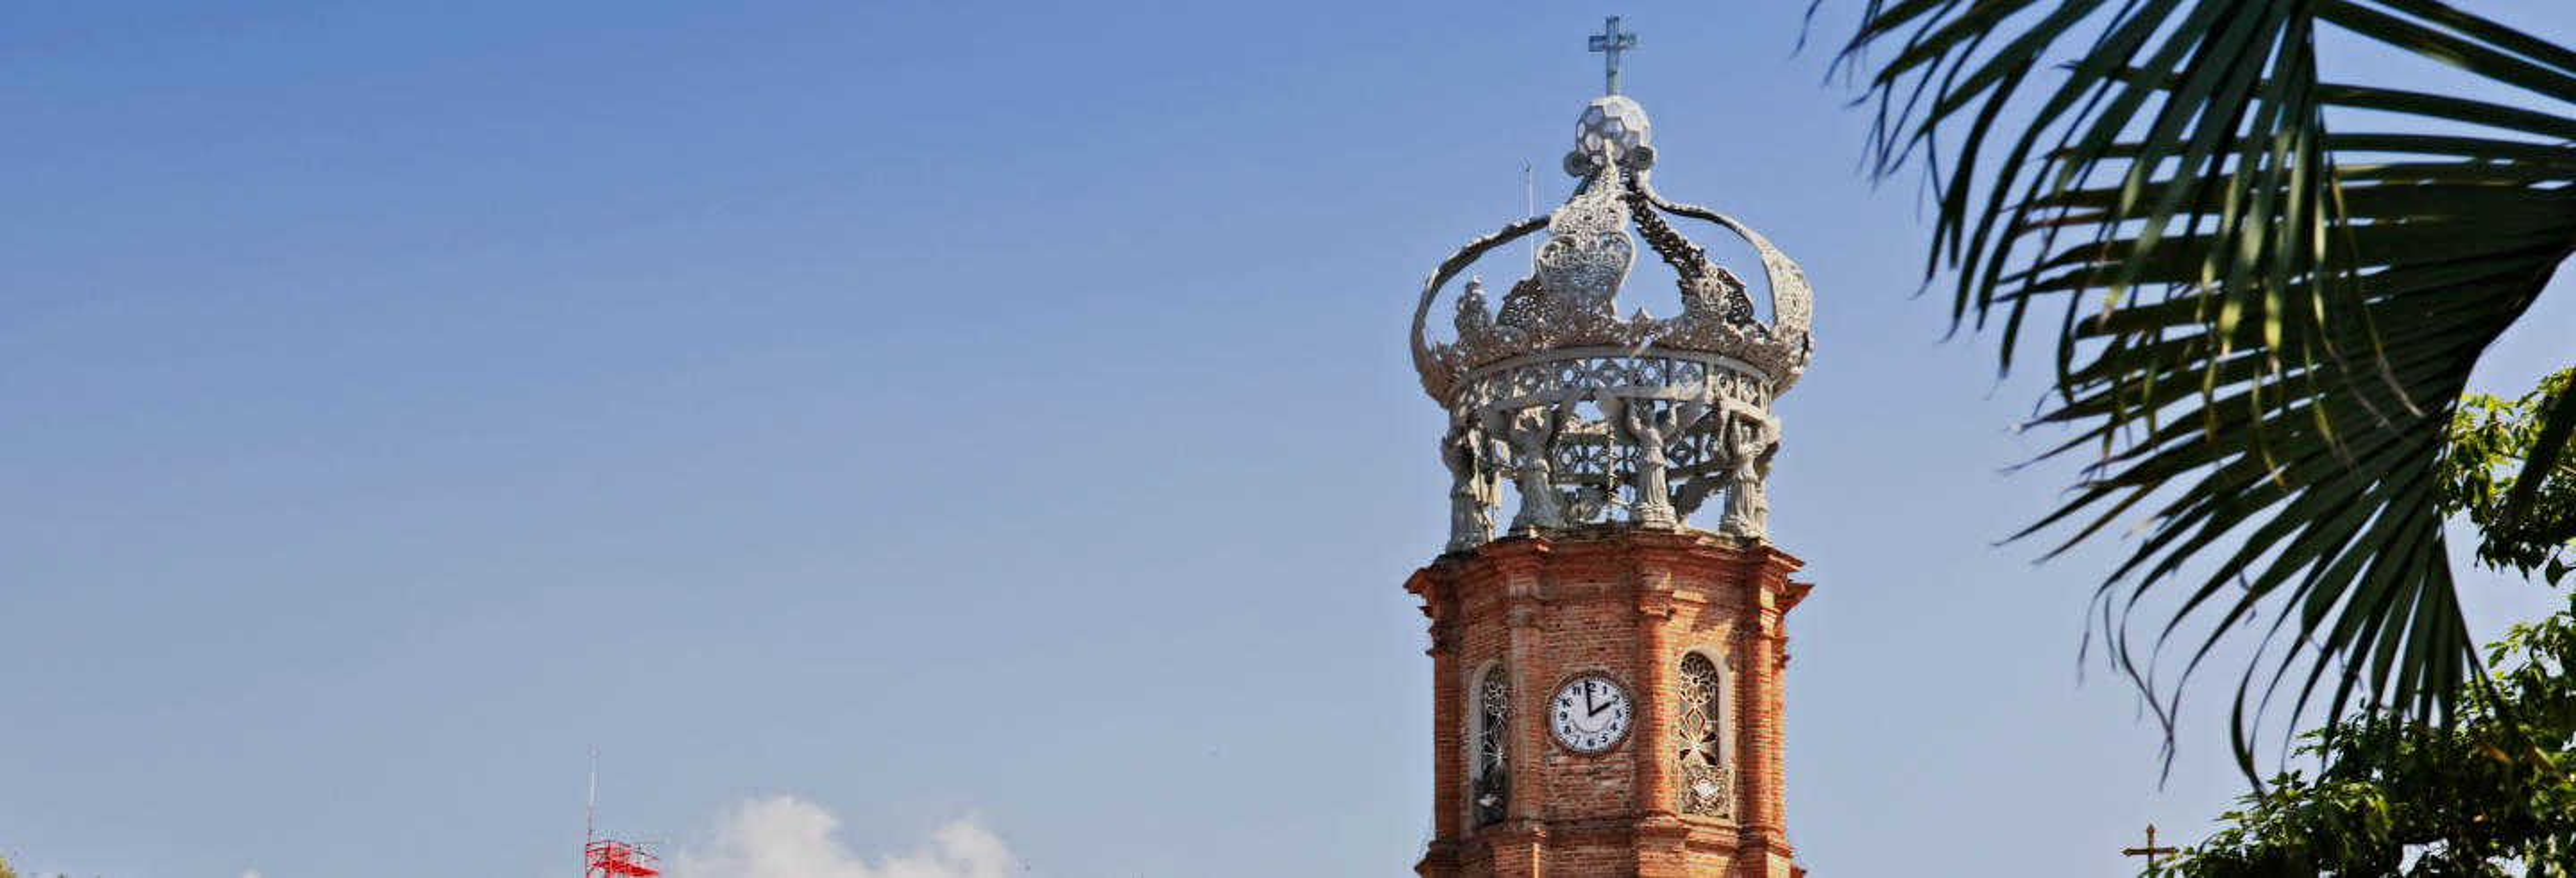 Visita guiada por Puerto Vallarta